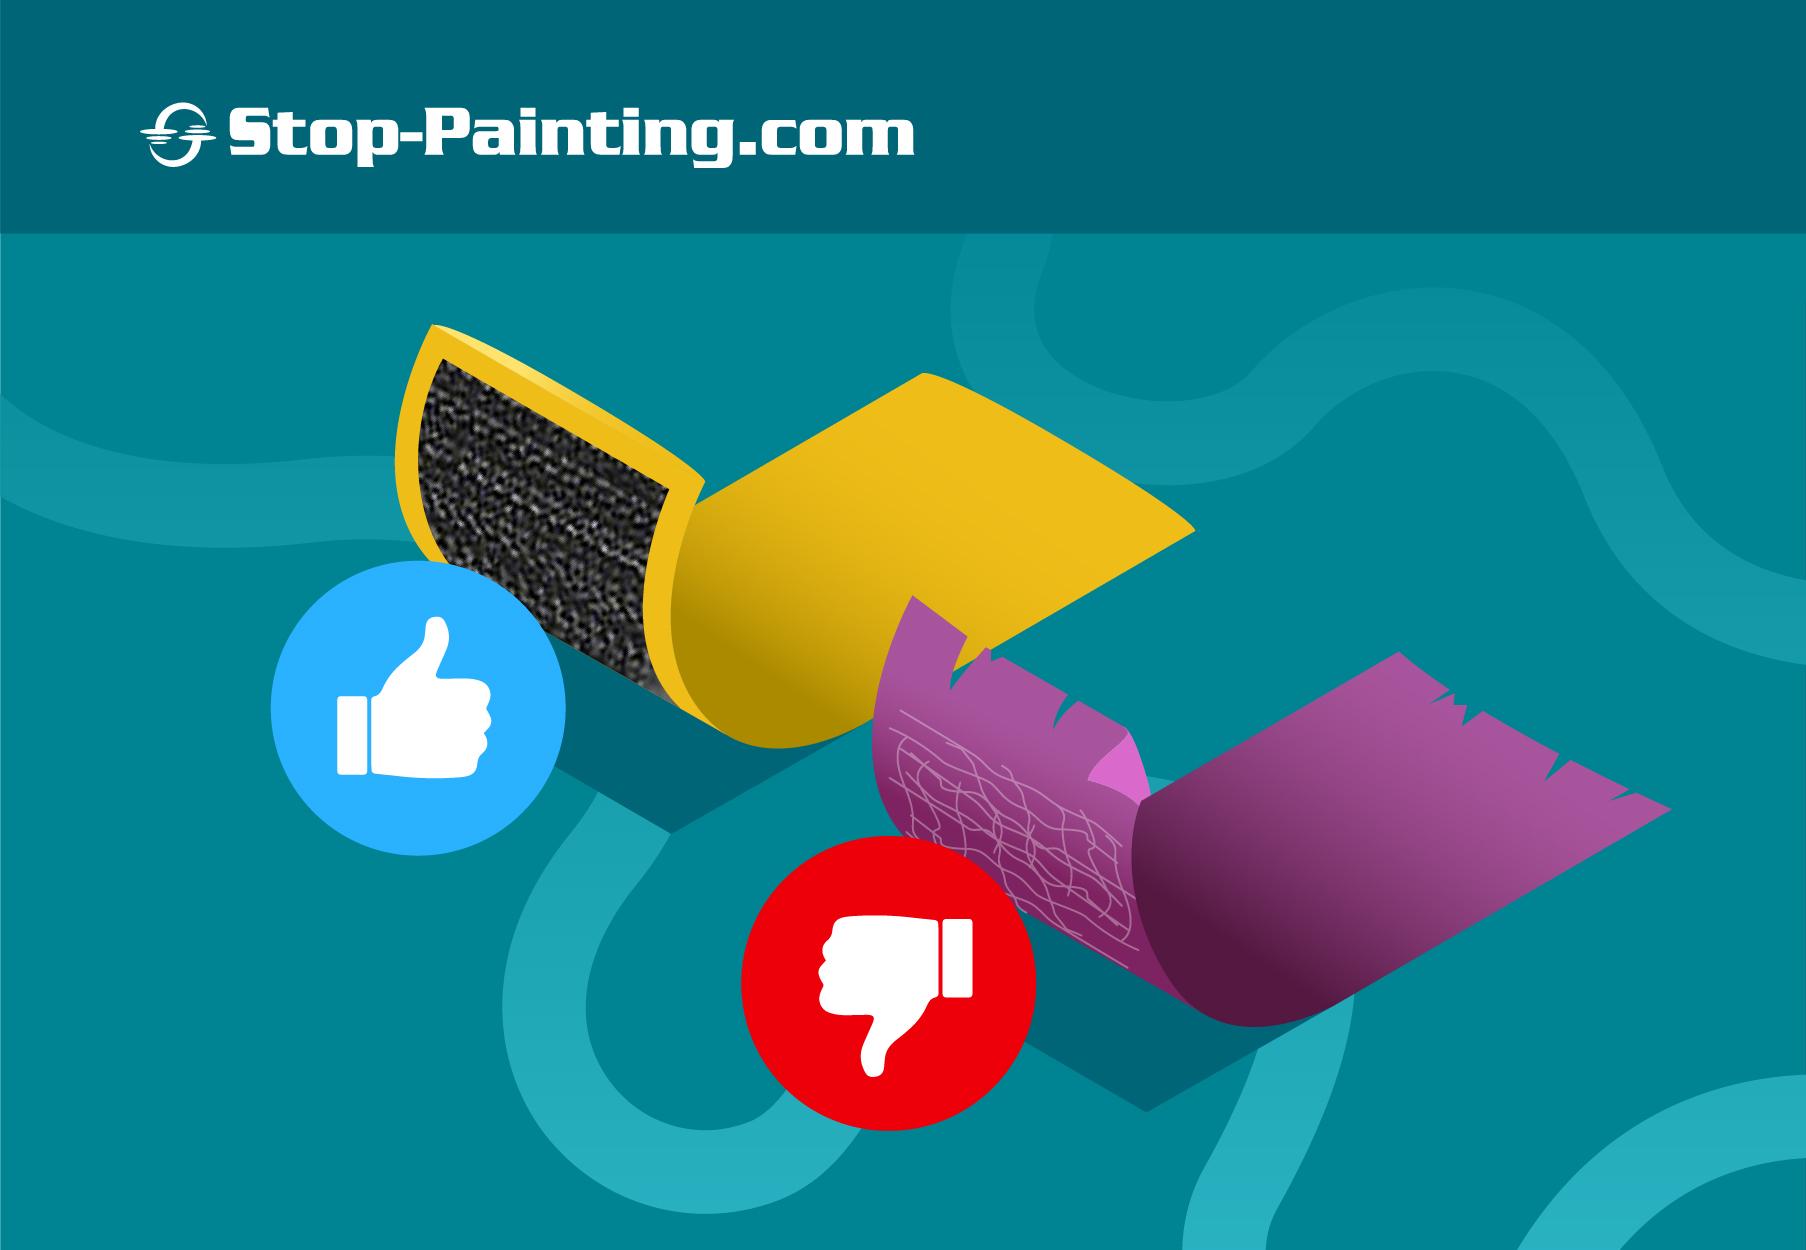 Permanent Versus Temporary Floor Markings: How to Choose